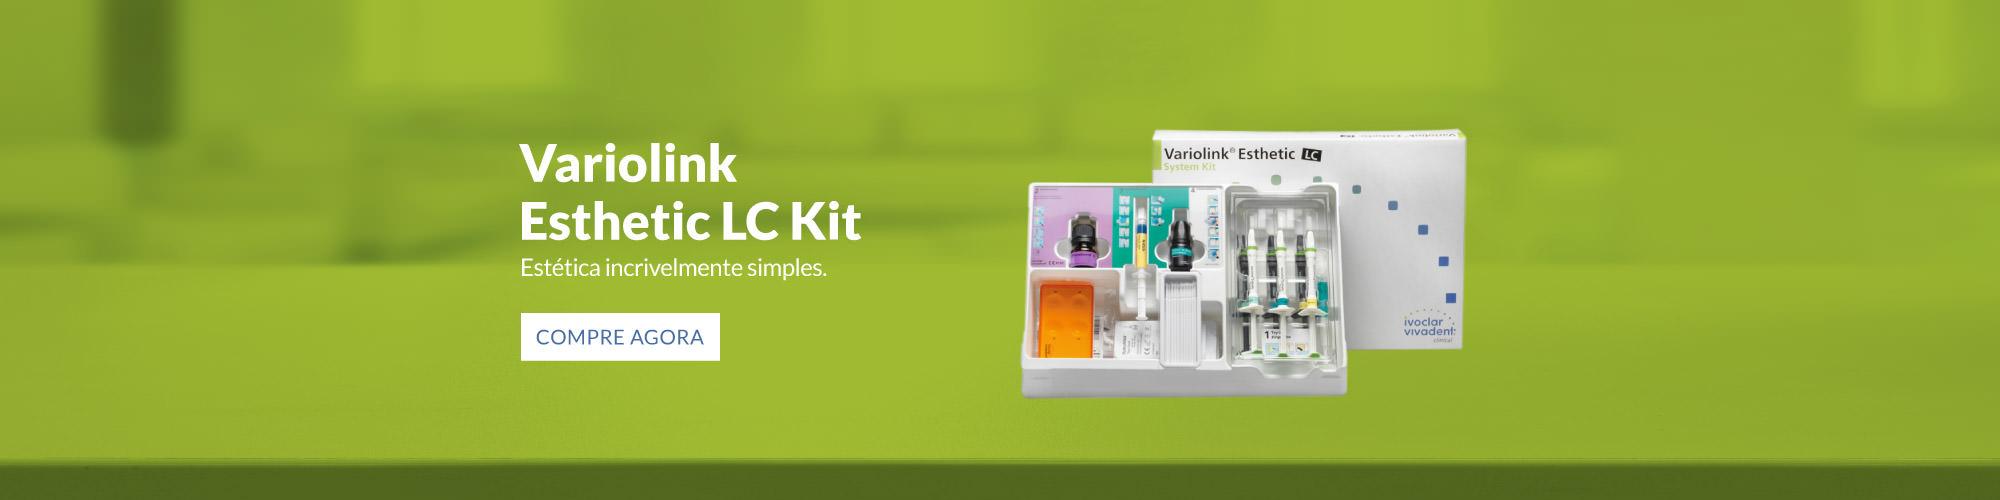 Variolink Esthetic LC Kit - Estética incrivelmente simples.